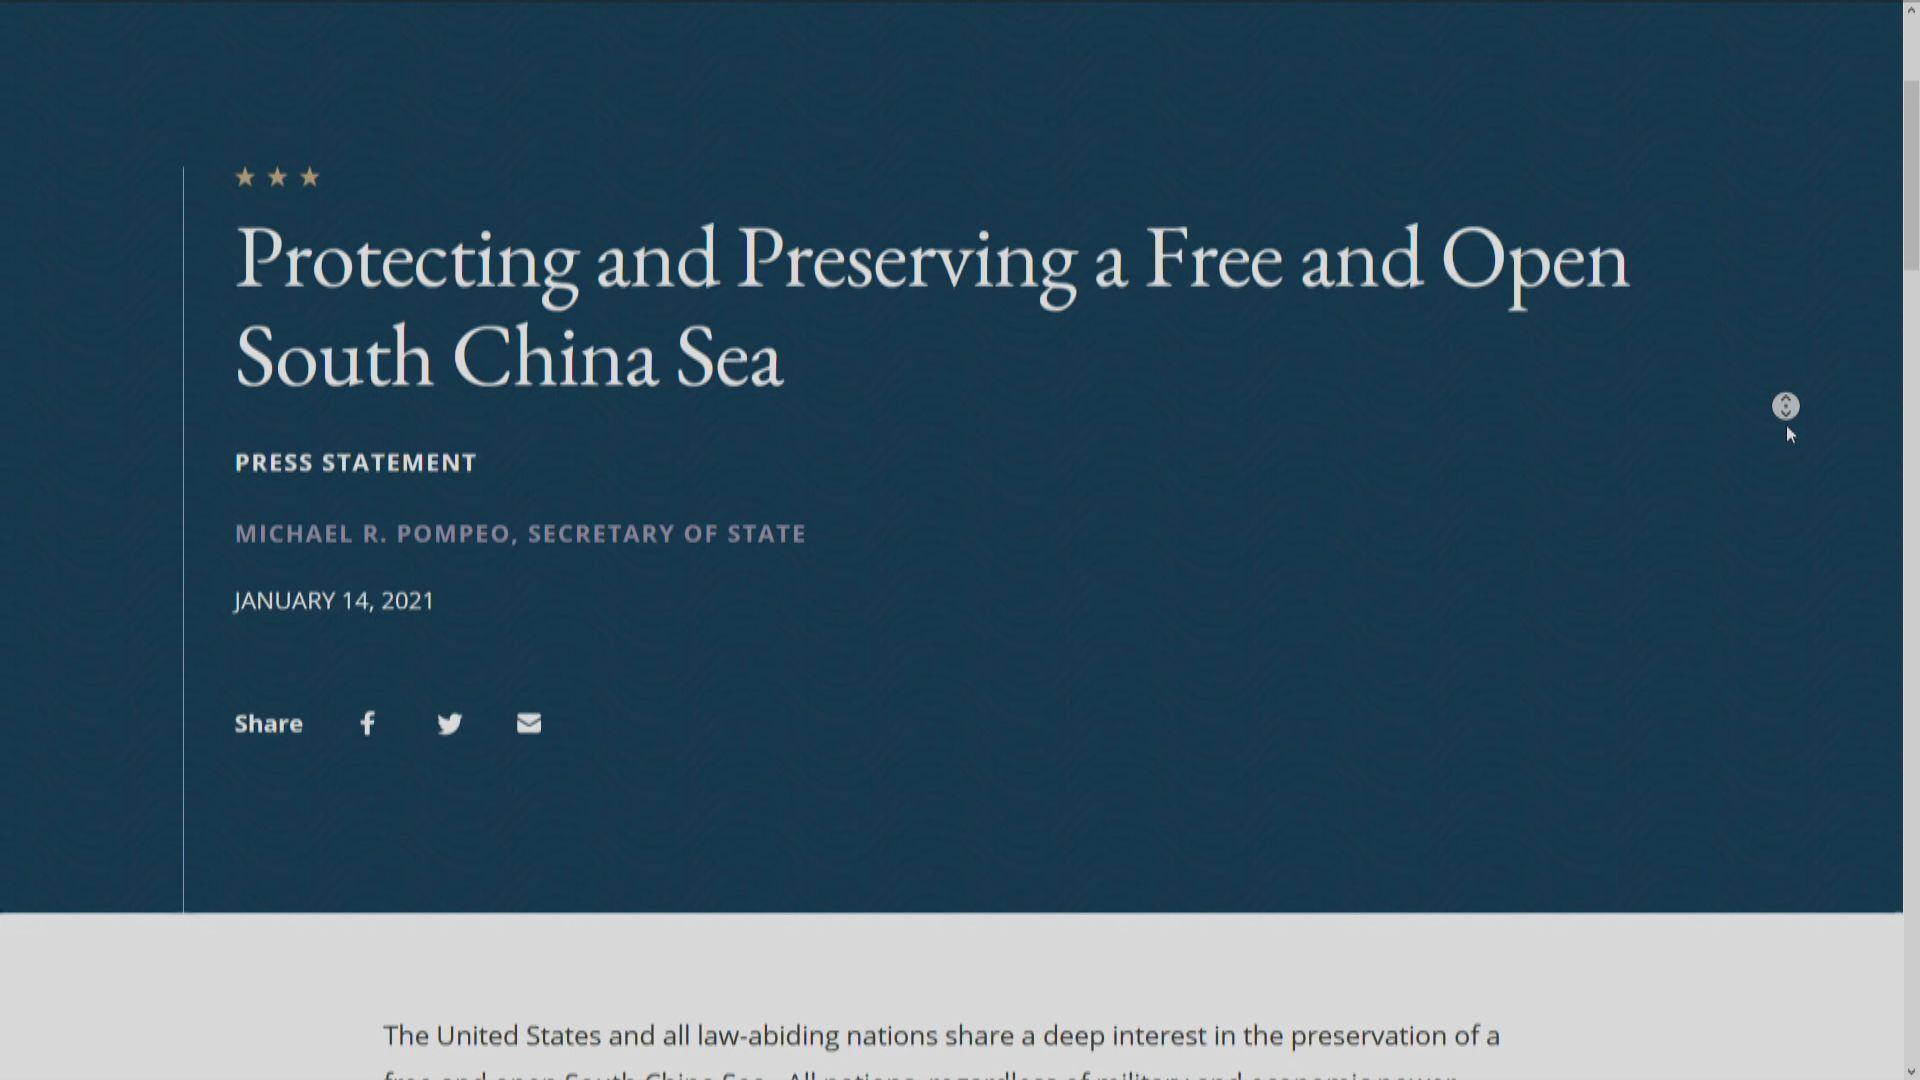 美國向涉南海爭議中國個人施新制裁 外交部:不想回應